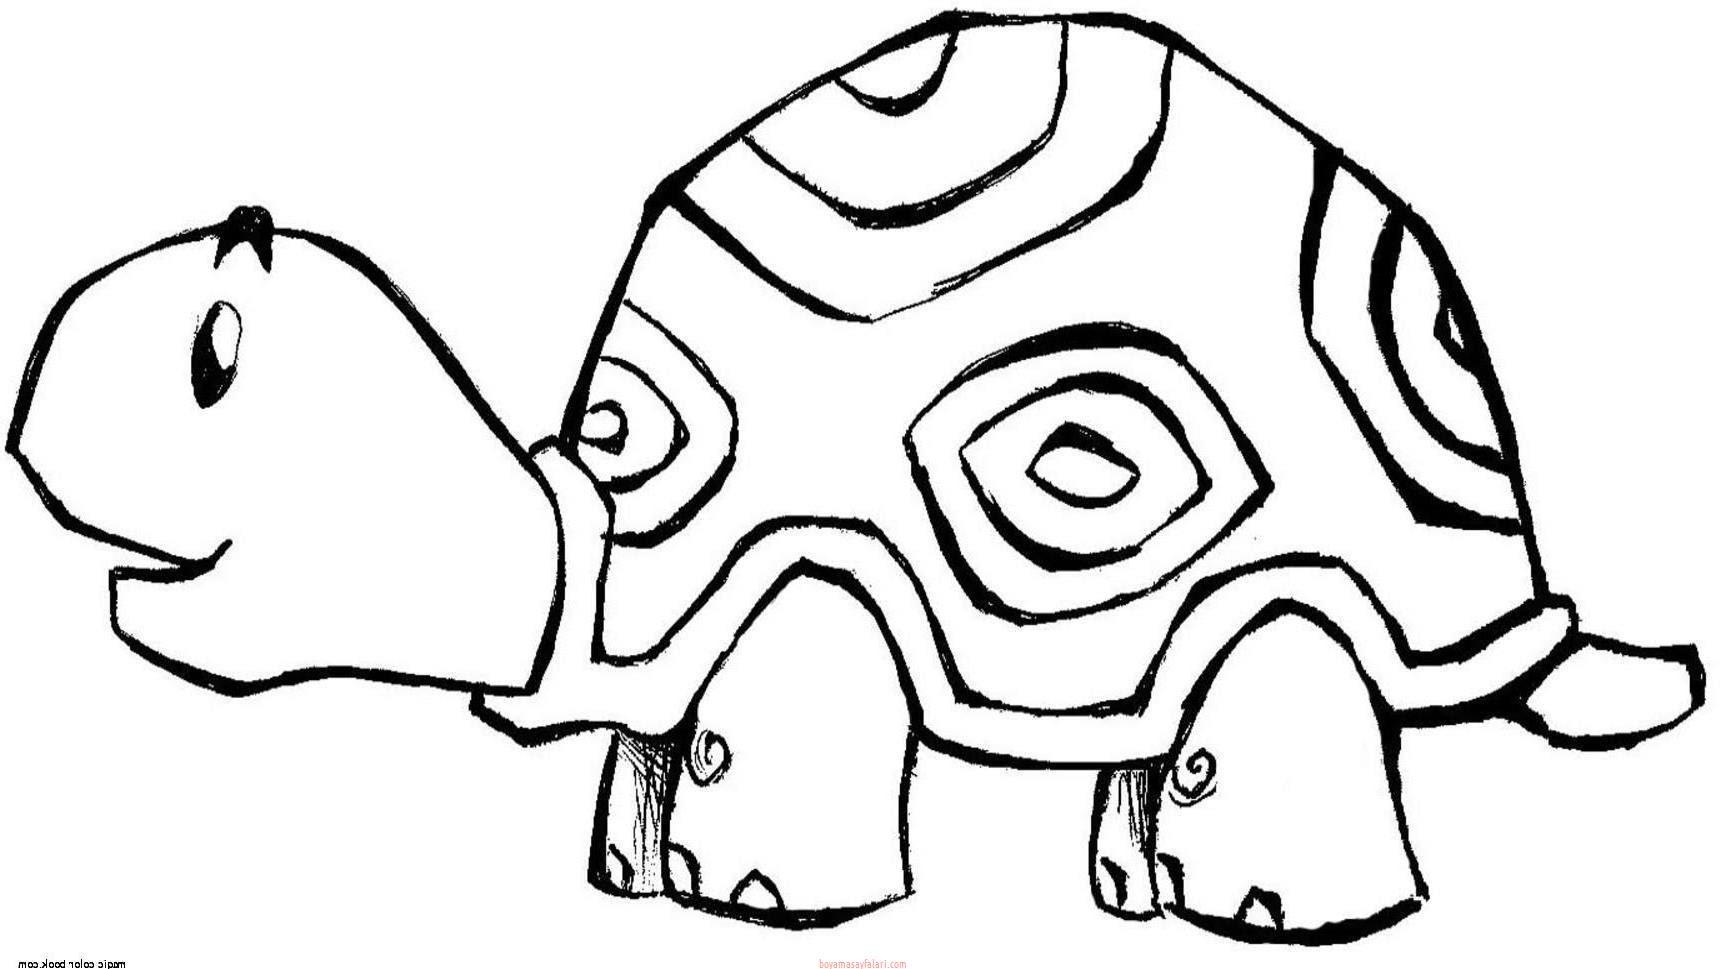 Kaplumbağa Boyama Sayfaları 10 Sınıf öğretmenleri Için ücretsiz